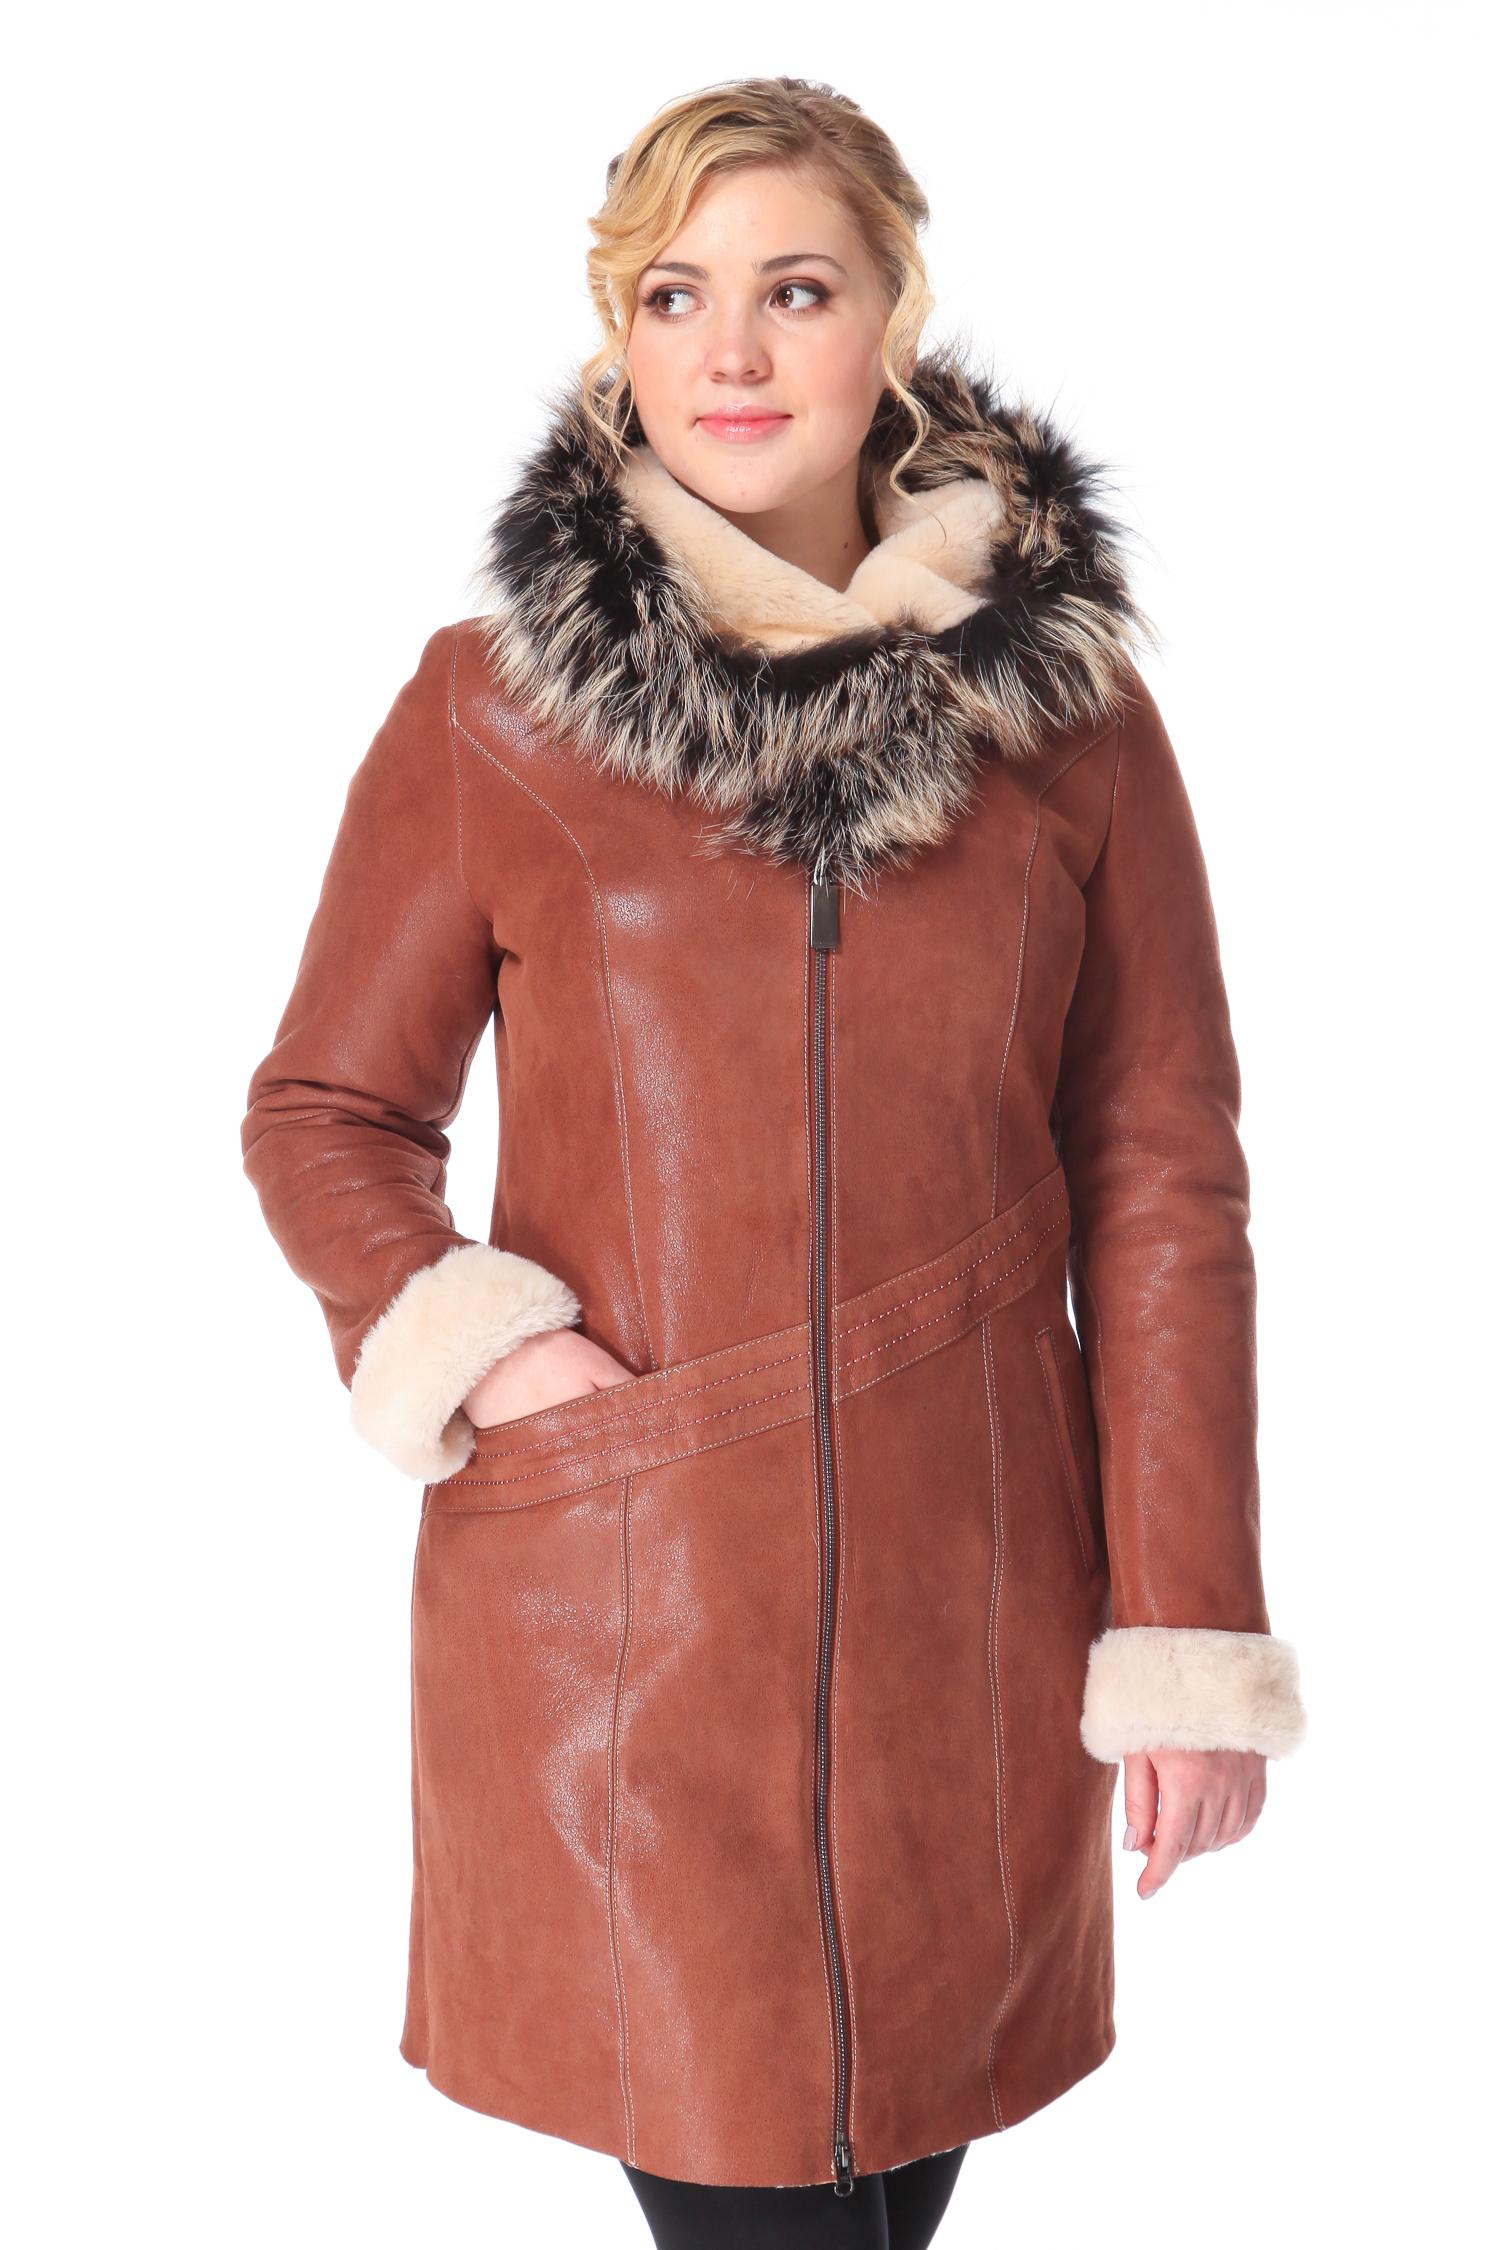 Купить со скидкой Дубленка женская из натуральной овчины с капюшоном, отделка лиса